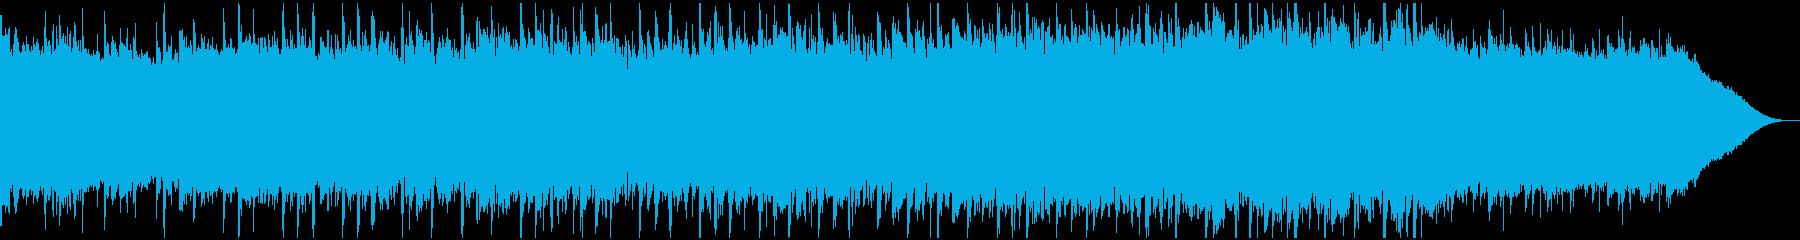 60秒,企業VP,コーポレート,明るいの再生済みの波形